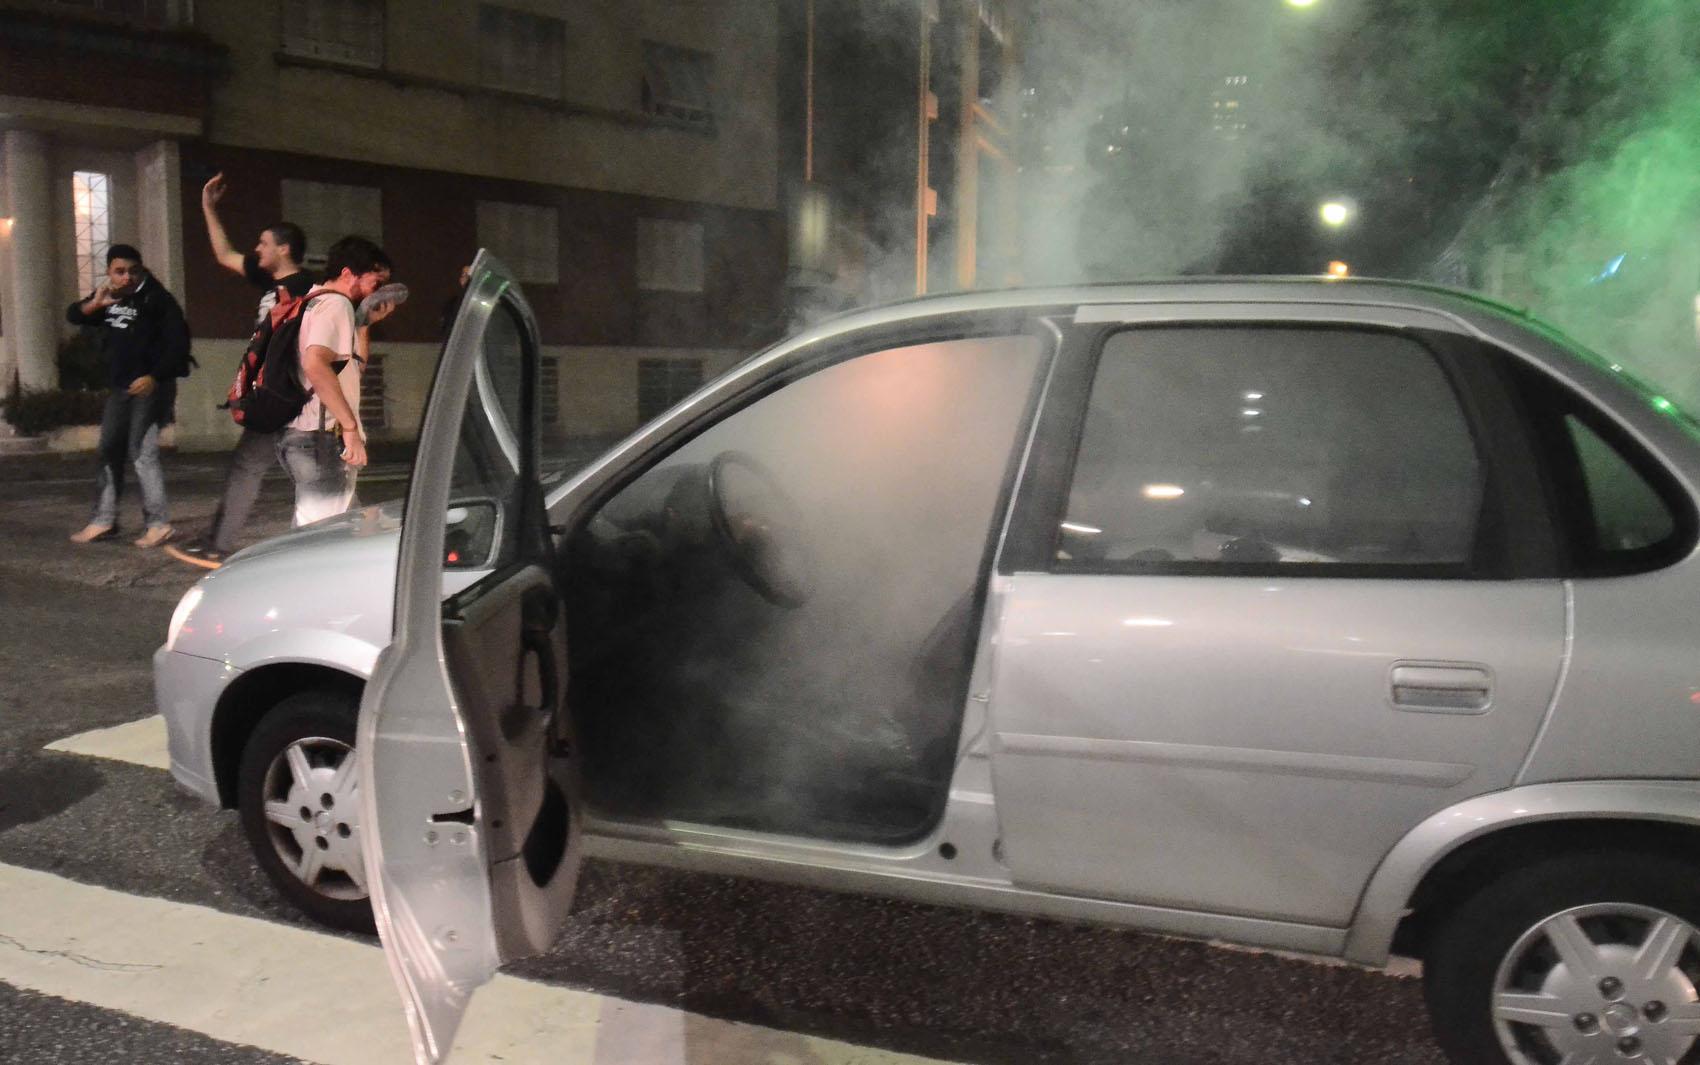 Segundo a Agência Estado, uma bomba de efeito moral lançada pela Polícia de choque quebrou o vidro de um carro, no qual estava um idoso de 74 anos, na Rua Bela Cinta, no centro de São Paulo.